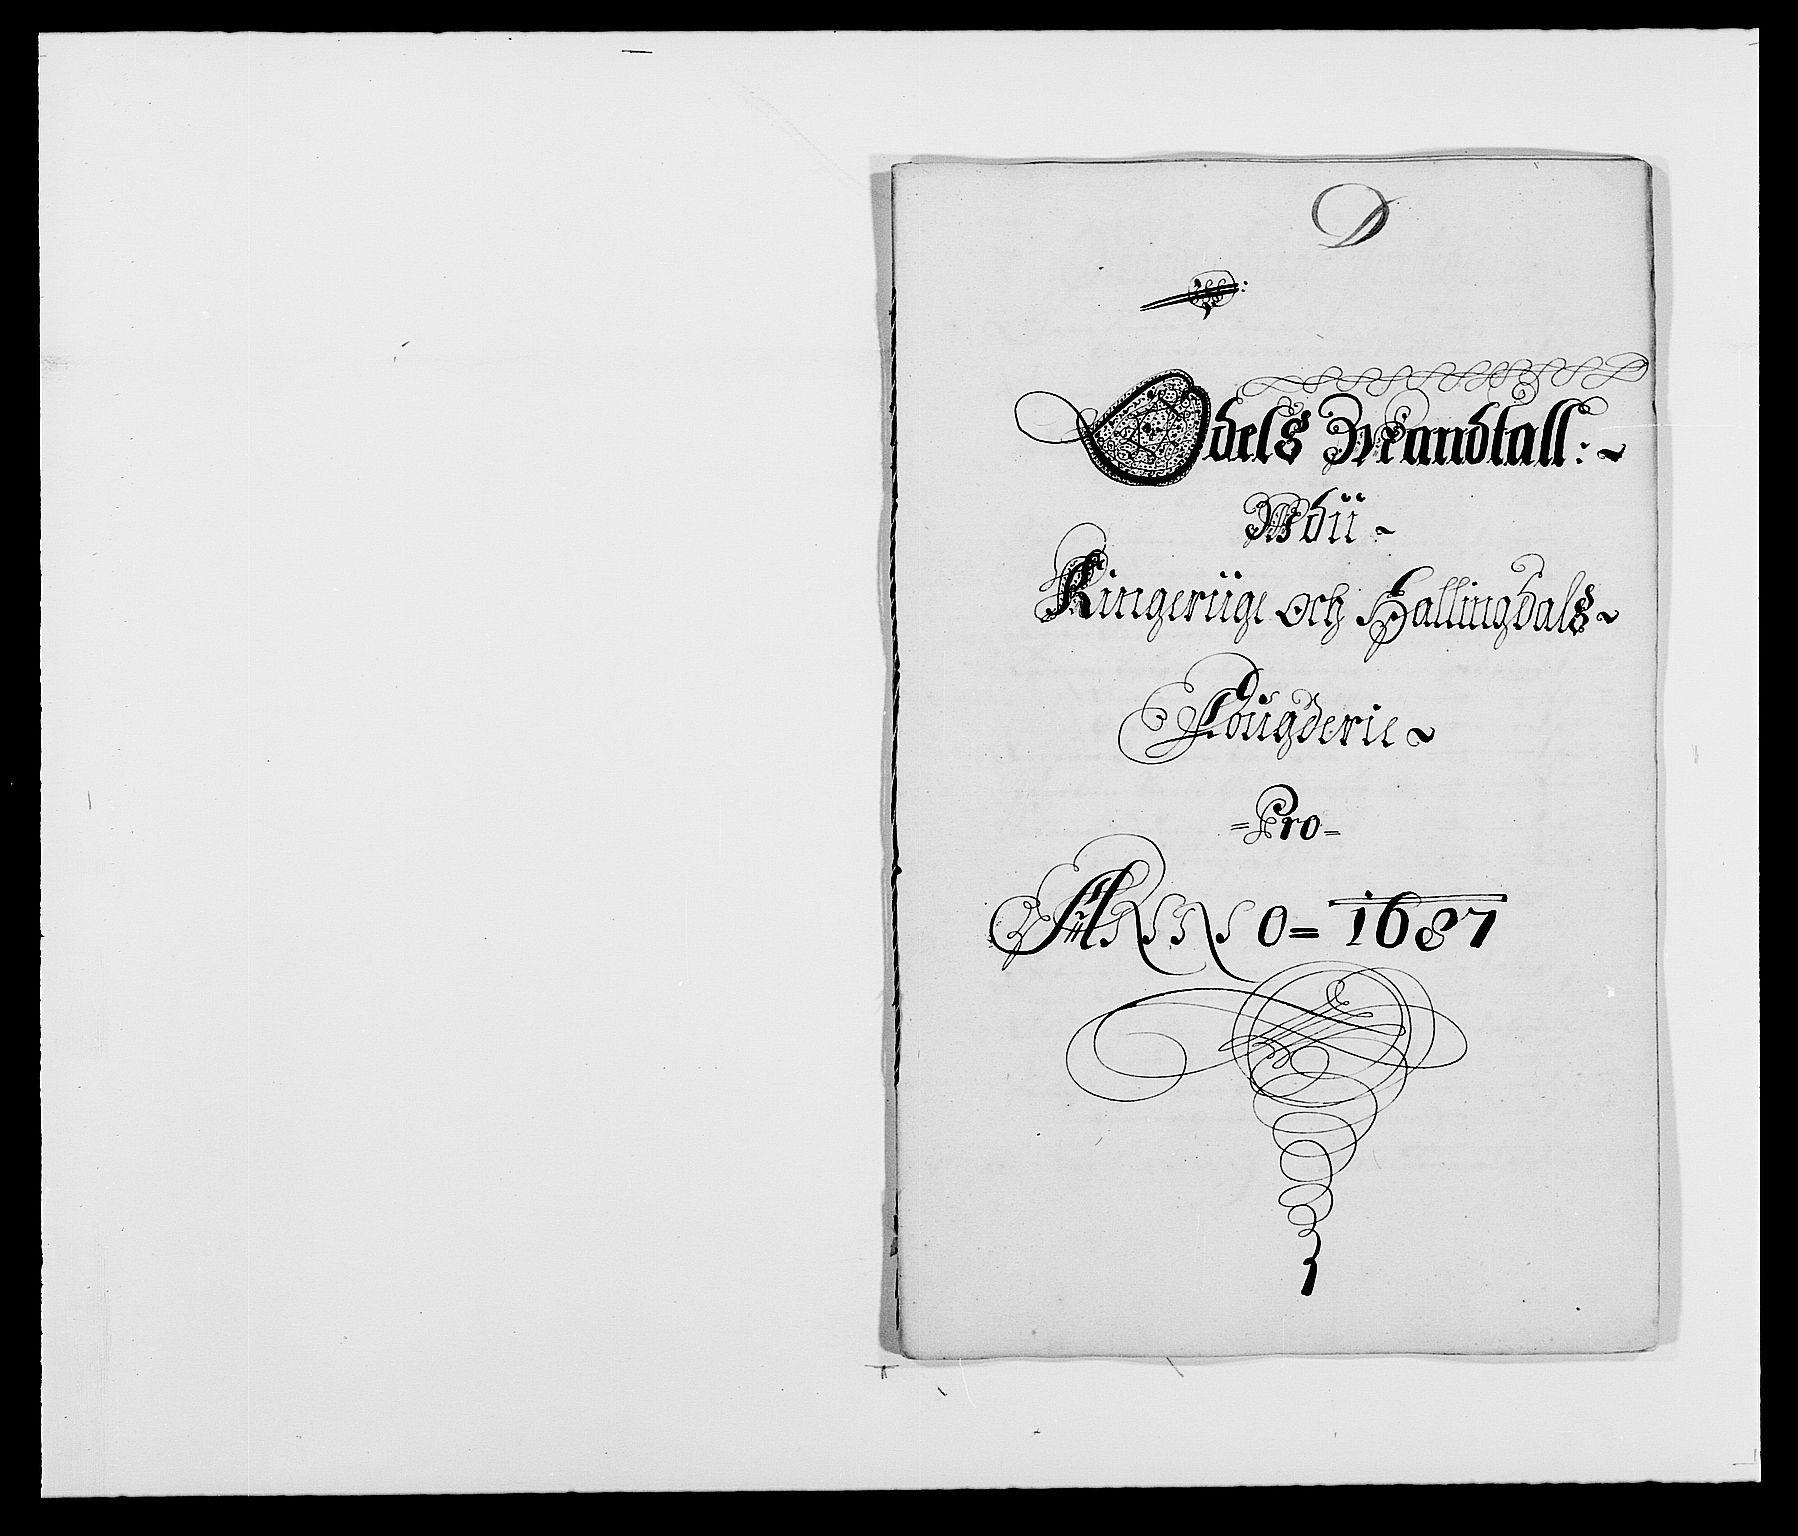 RA, Rentekammeret inntil 1814, Reviderte regnskaper, Fogderegnskap, R21/L1447: Fogderegnskap Ringerike og Hallingdal, 1687-1689, s. 45